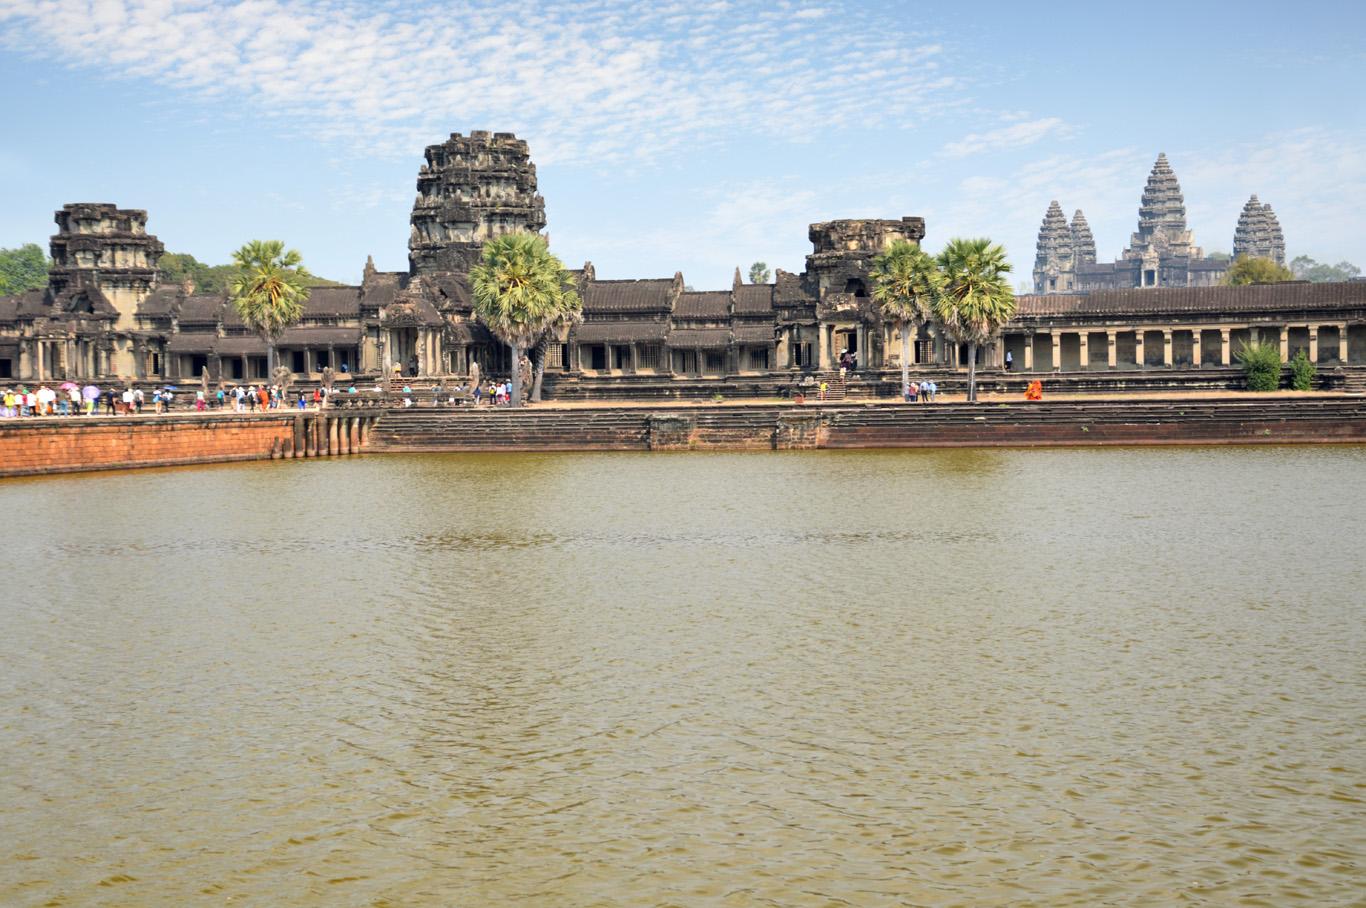 Angkor Wat and Siem Reap river